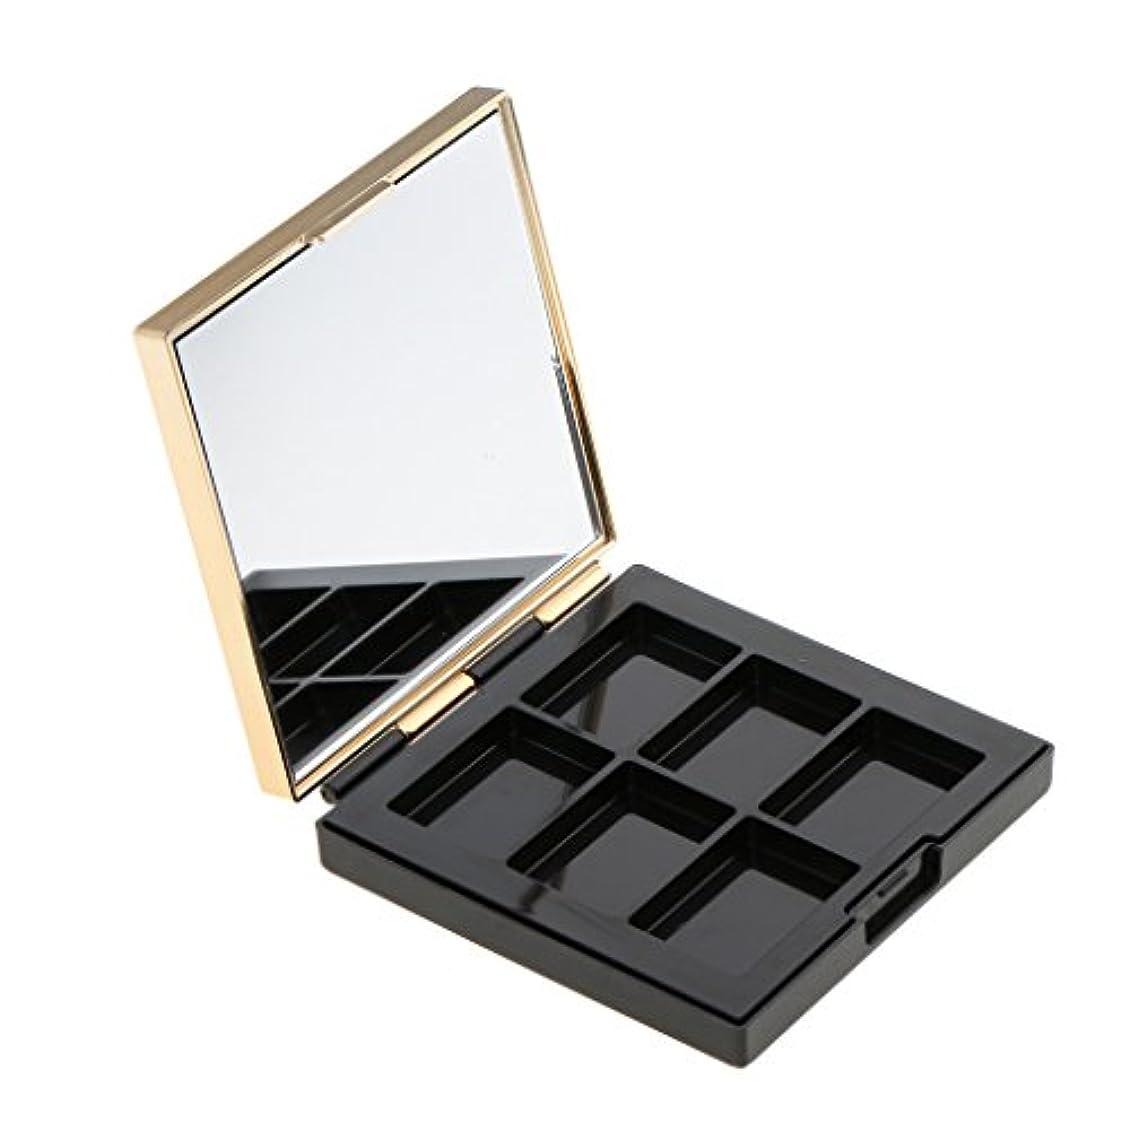 令状エゴマニア自体Baosity 空パレット 収納ボックス 高品質 ABS製 DIY コスメ収納 メイクアップケース ミラー付き